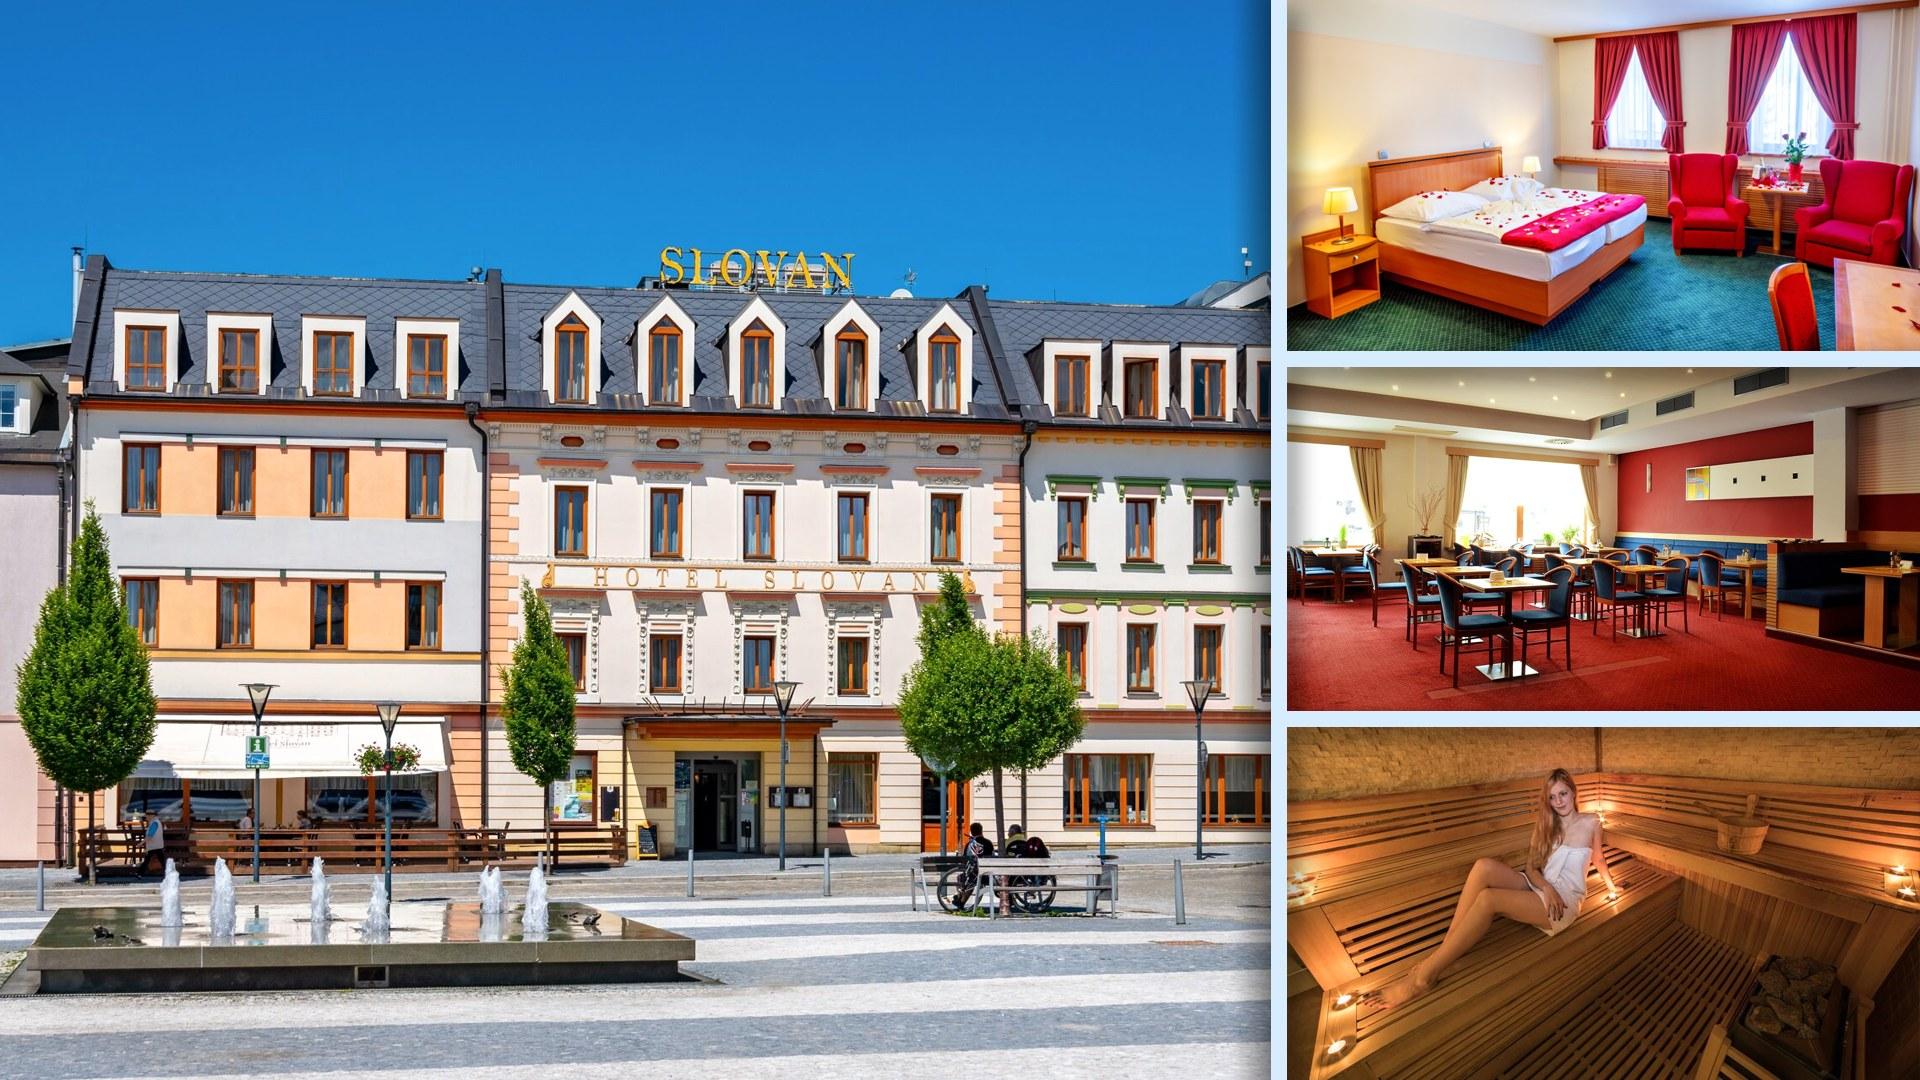 Hotel Slovan Comfort - To nejlepší v centru města Jeseník